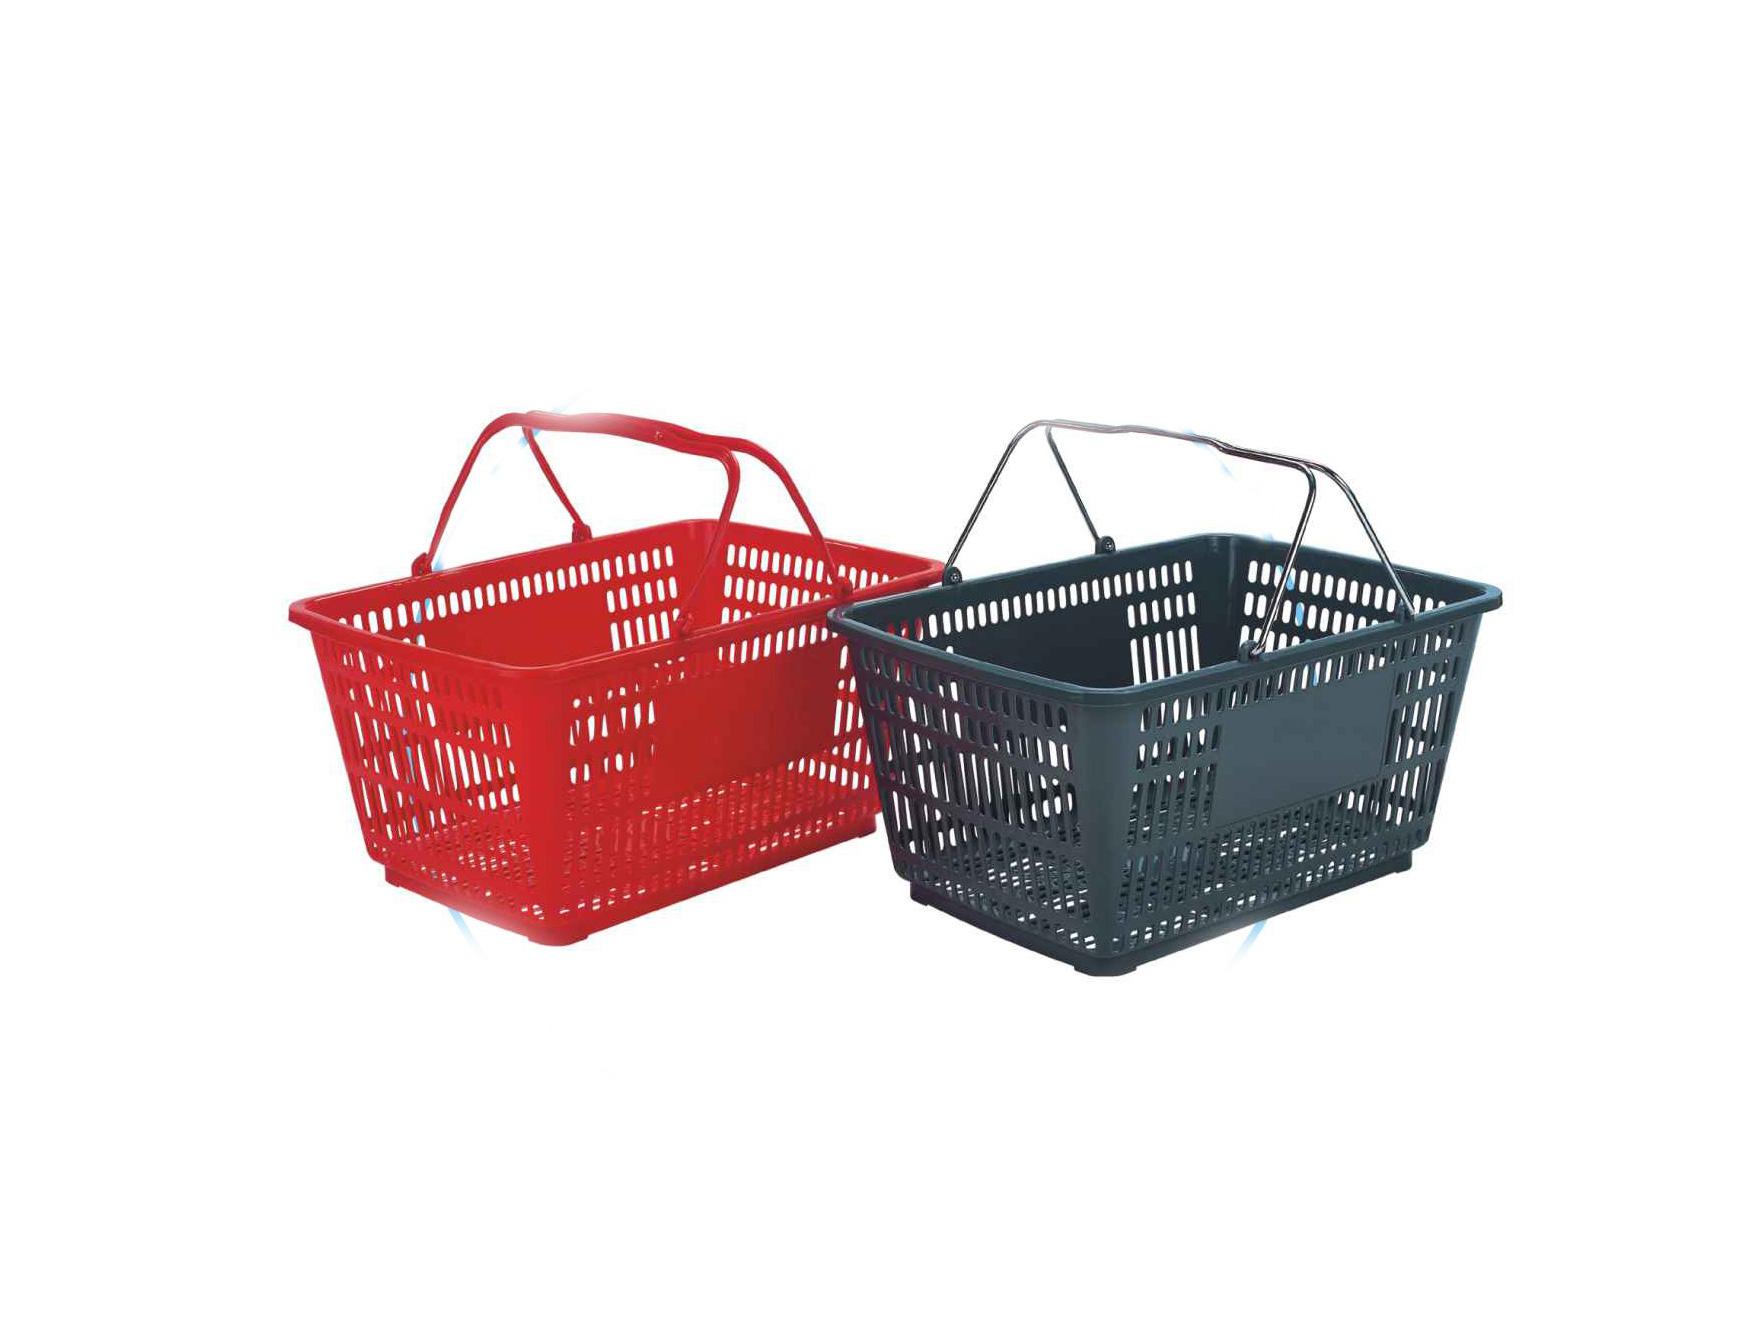 pw604A 塑料购物篮